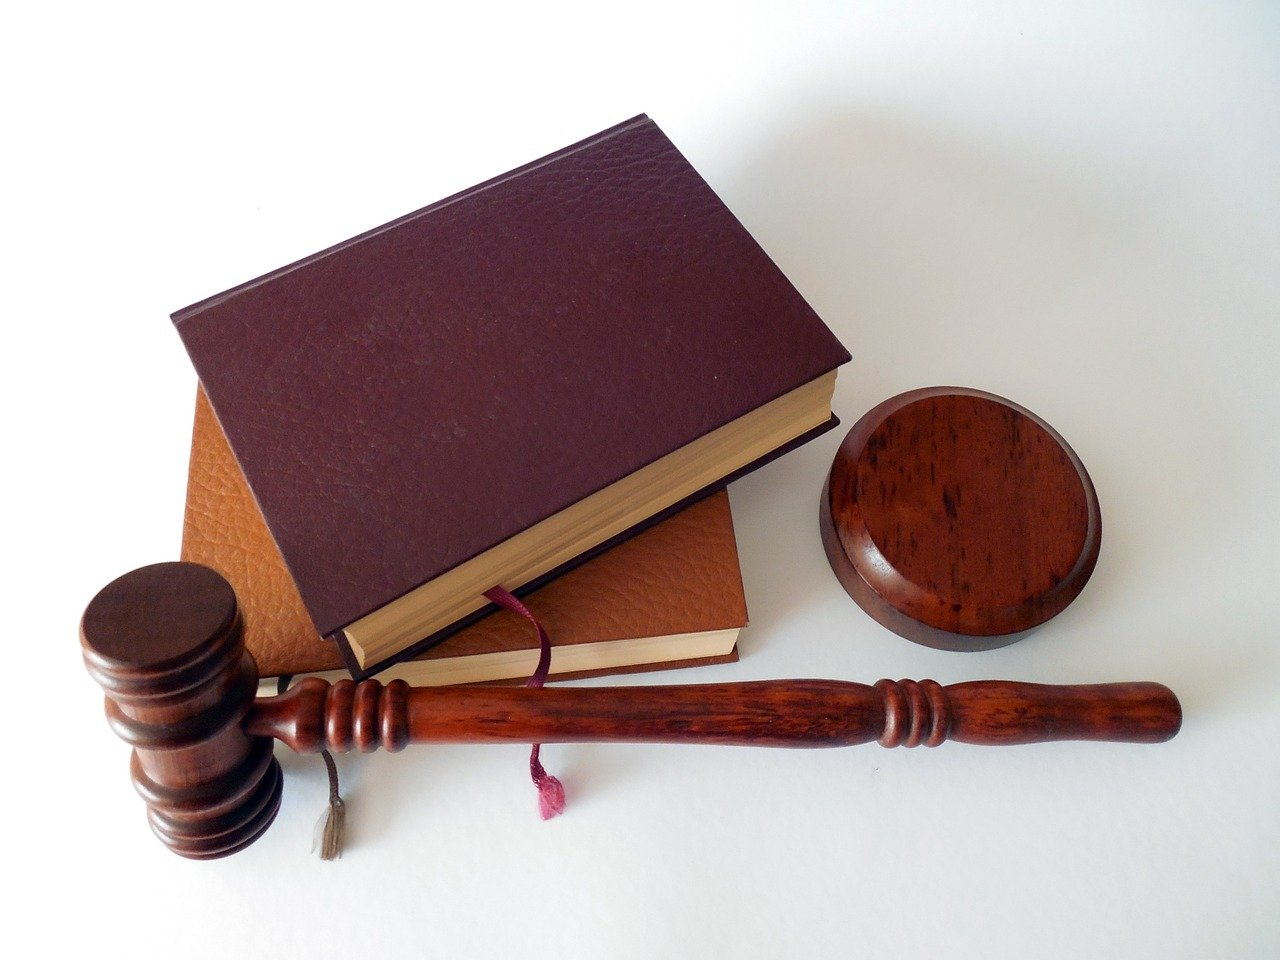 Martillo, Libros, Ley